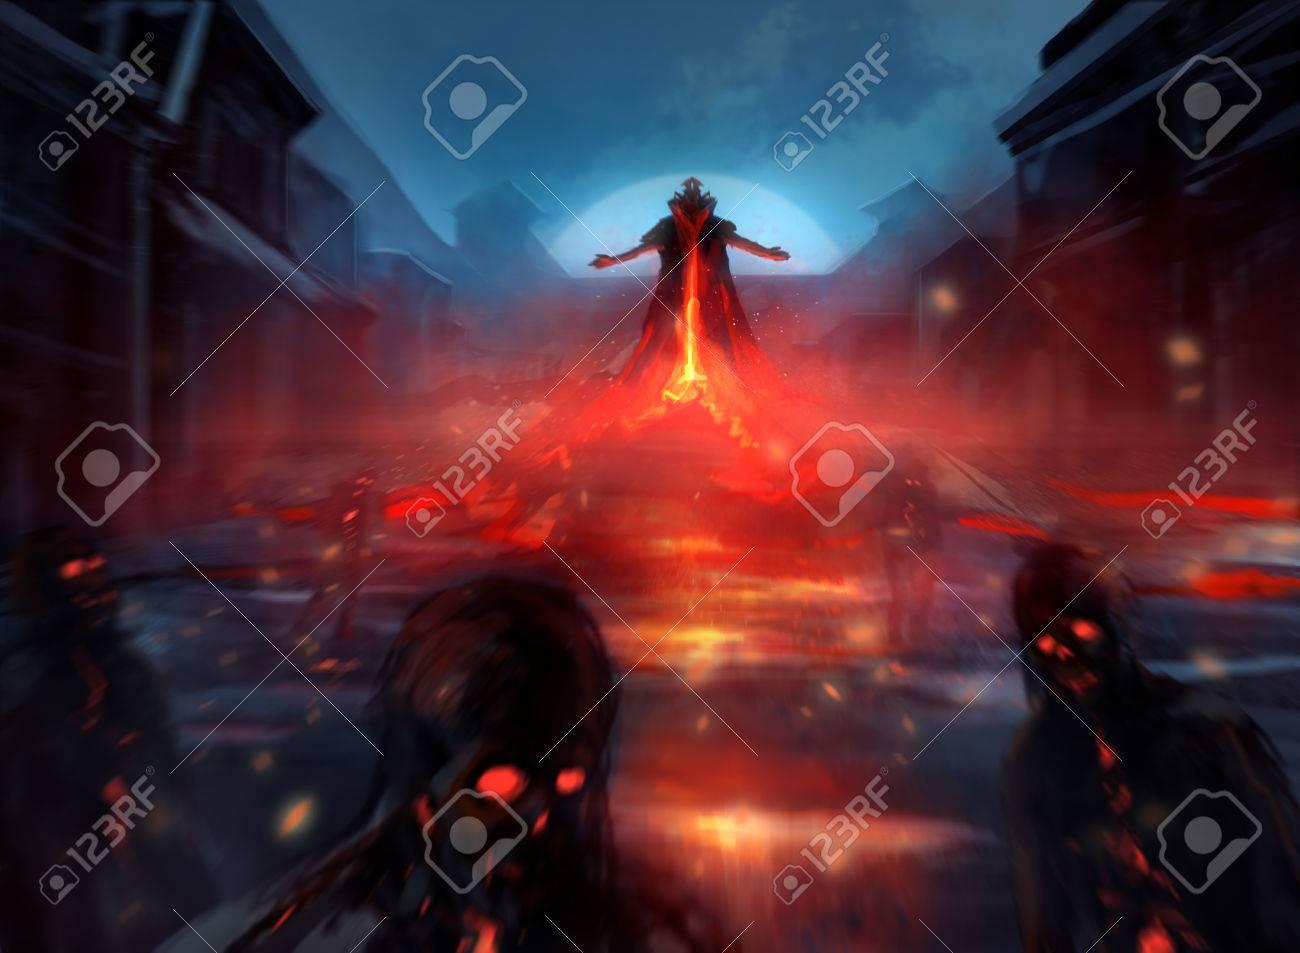 火災の効果とぼやけた霧の邪悪なゾンビ部隊を召喚魔王のイラスト の